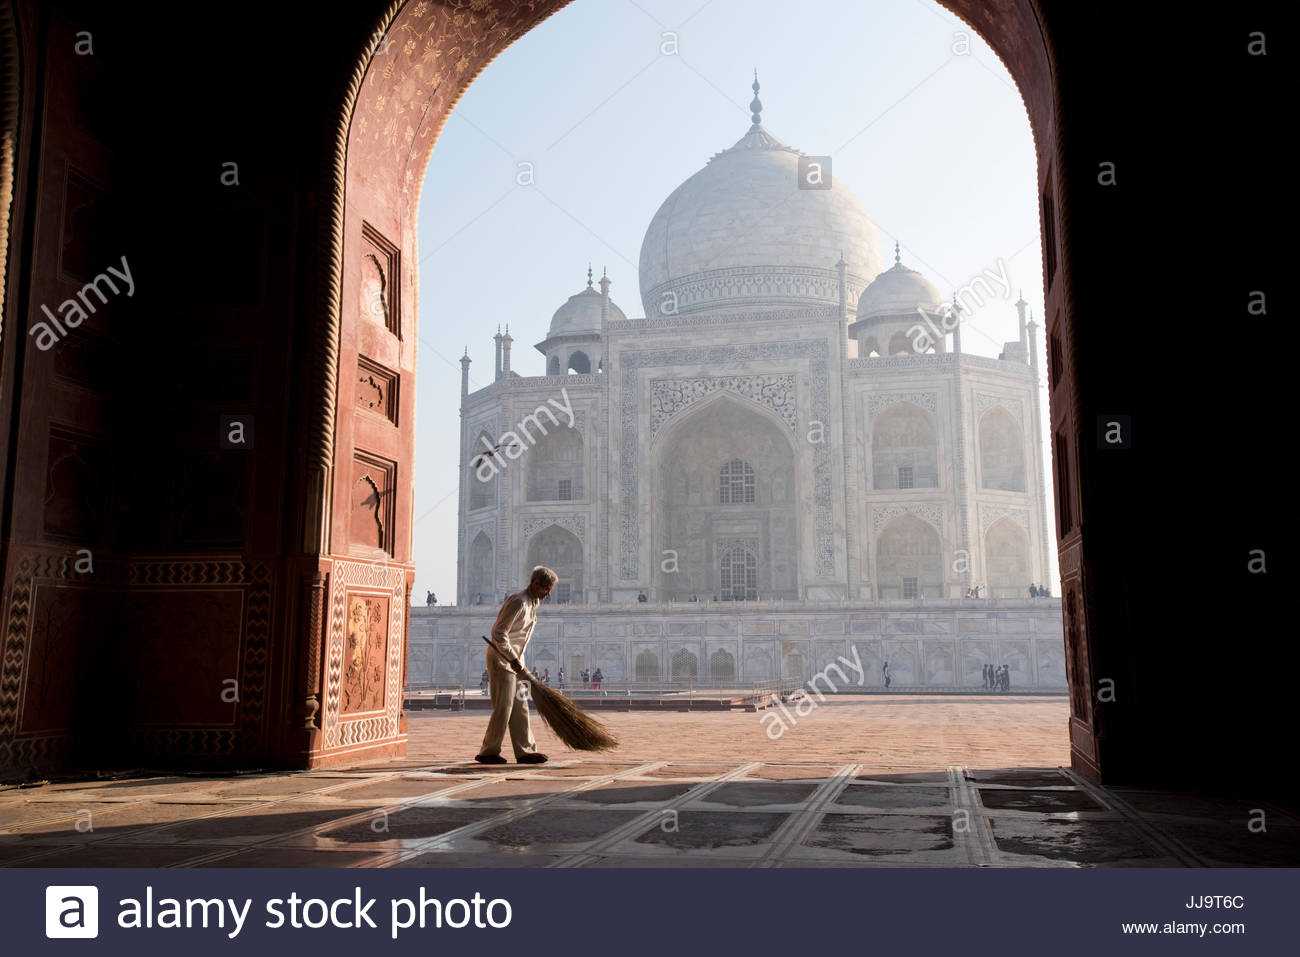 Ein indischer Mann fegen am Eingang der Moschee neben dem Taj Mahal in Agra, Indien. Stockbild